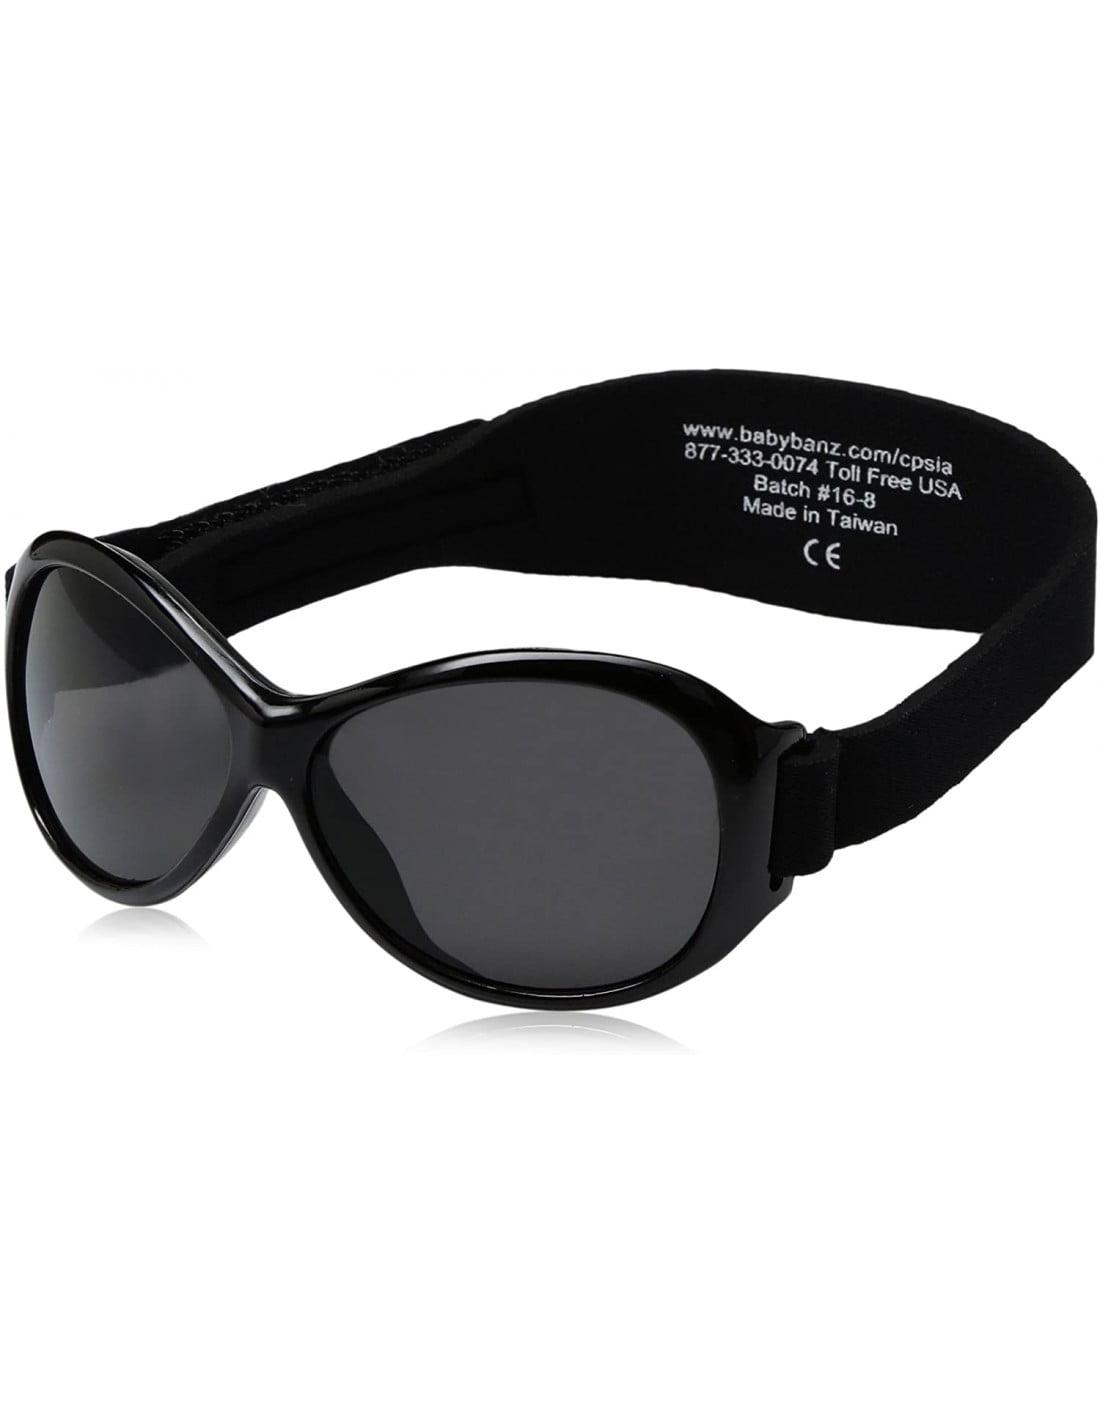 Ochelari de soare Bebe 0-2 ani Retro Oval Black (negri) Banz 2